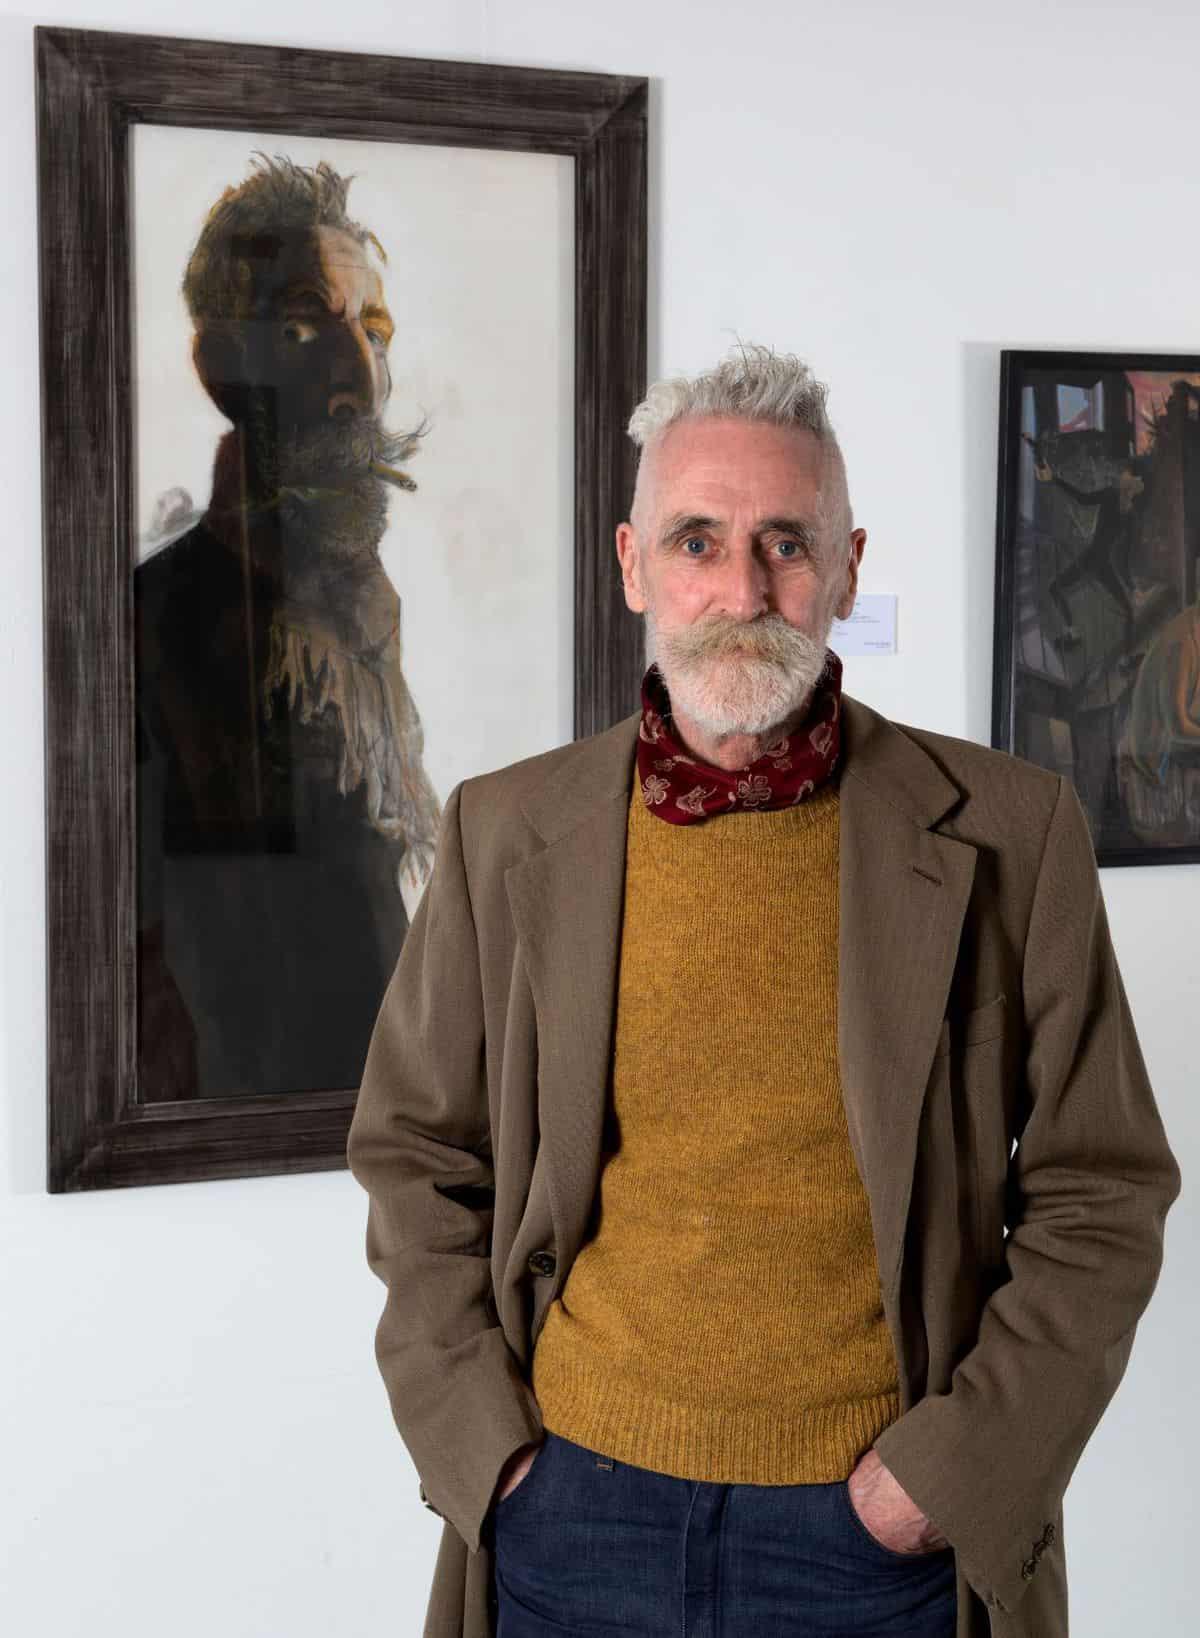 The John Byrne award